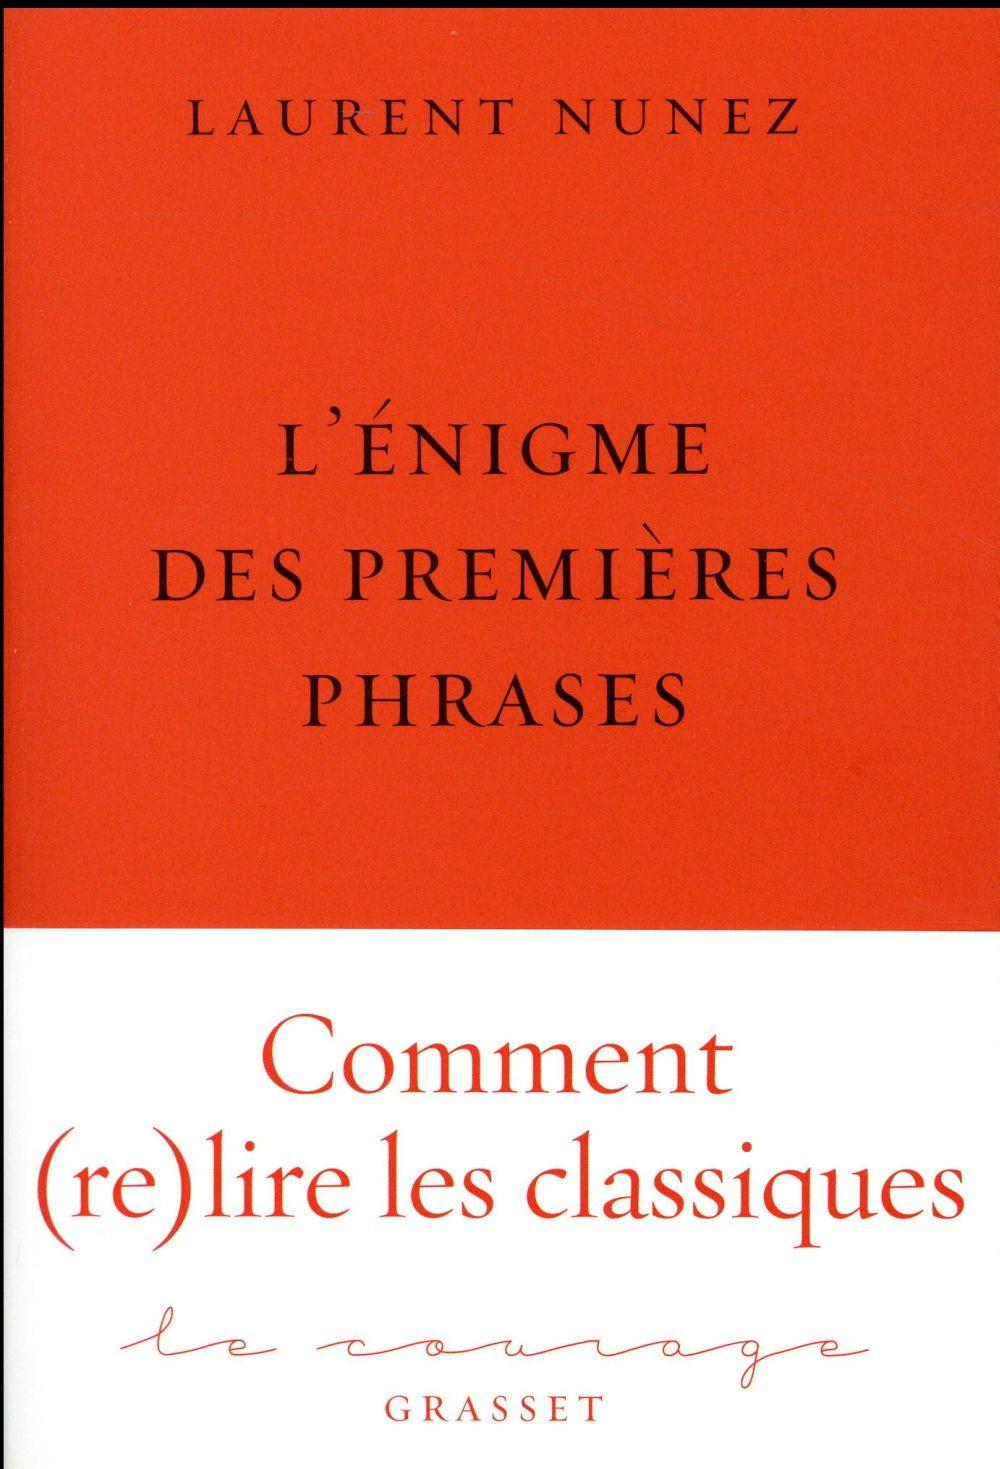 L'énigme des premières phrases ; comment (re)lire les classiques